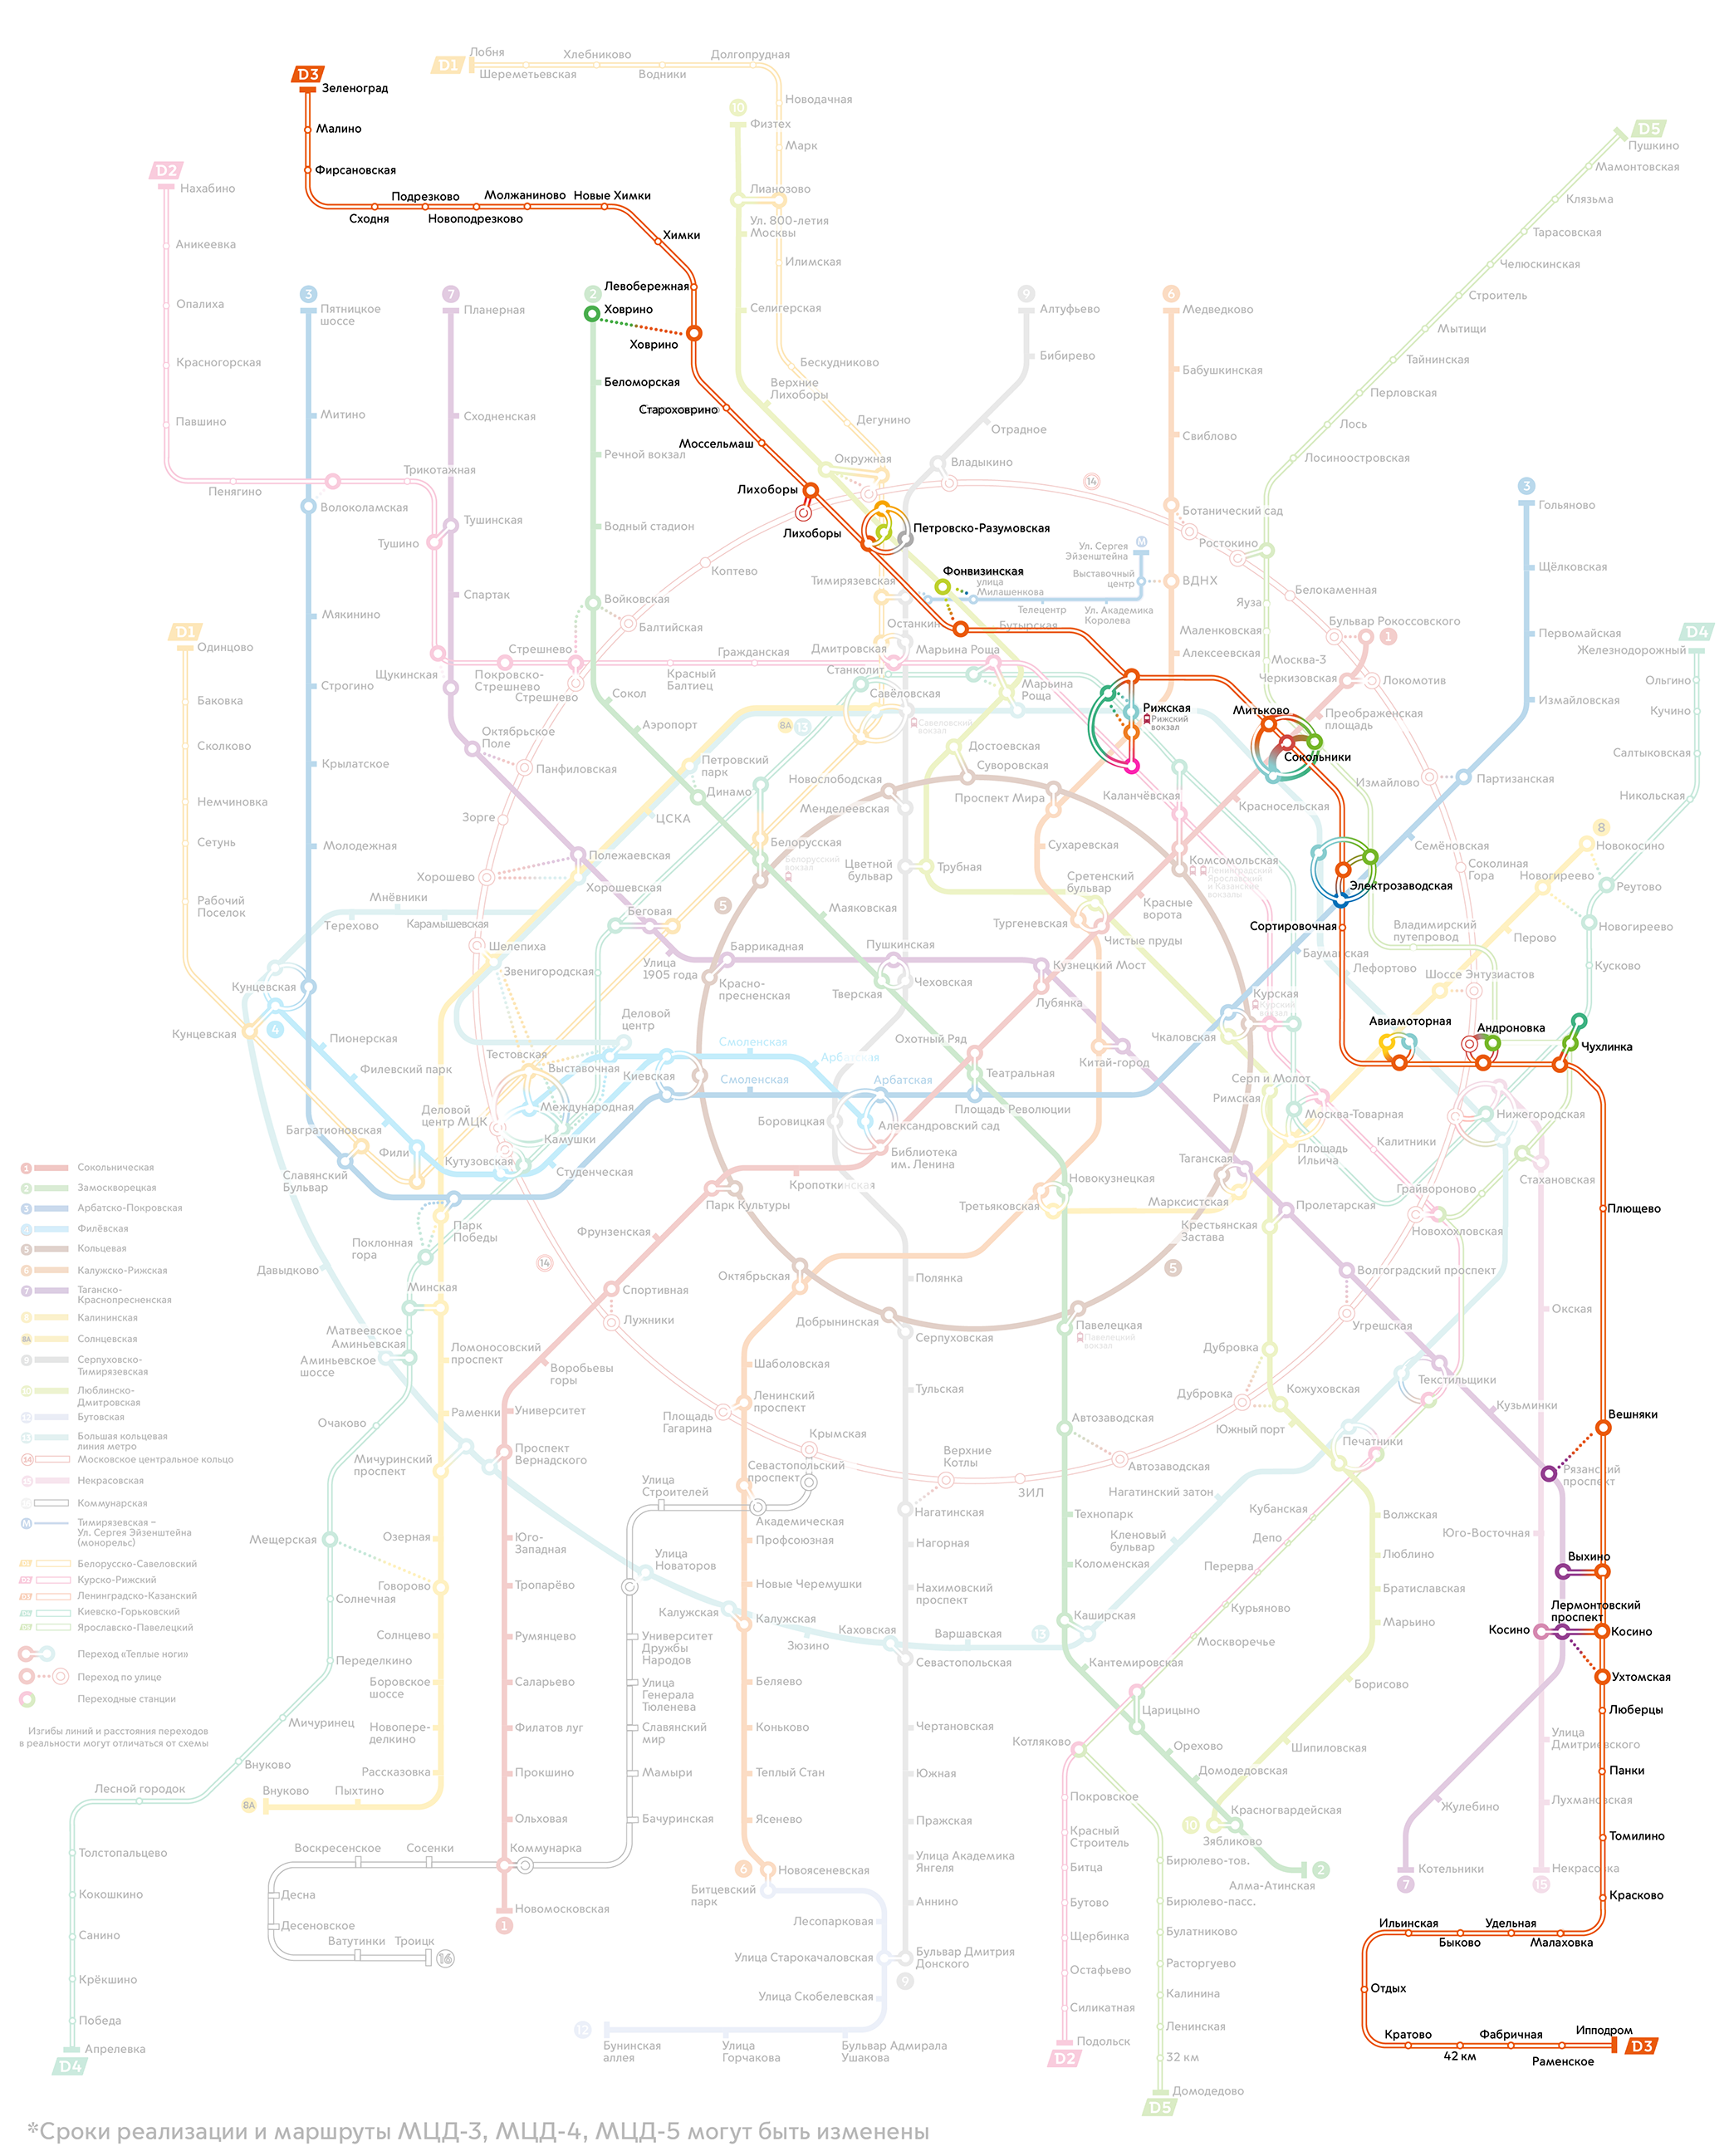 """Линия наземного метро МЦД-3, удобная жителям ЖК """"Аврора"""", откроется буквально через полтора года"""